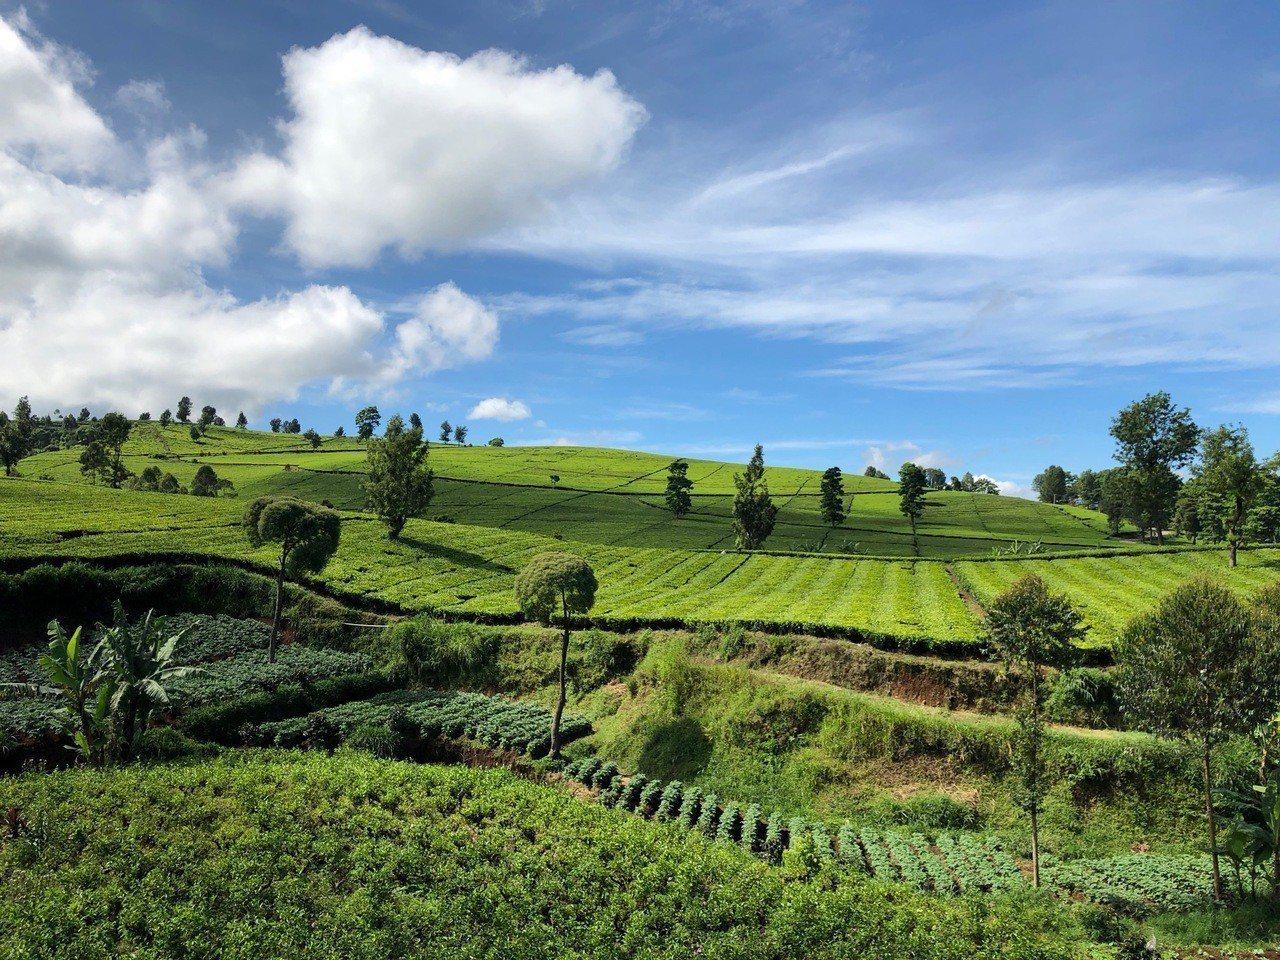 金色百林莊園位在海拔2,000公尺左右的山地,終年適合咖啡生長,因此也中出名聞遐...